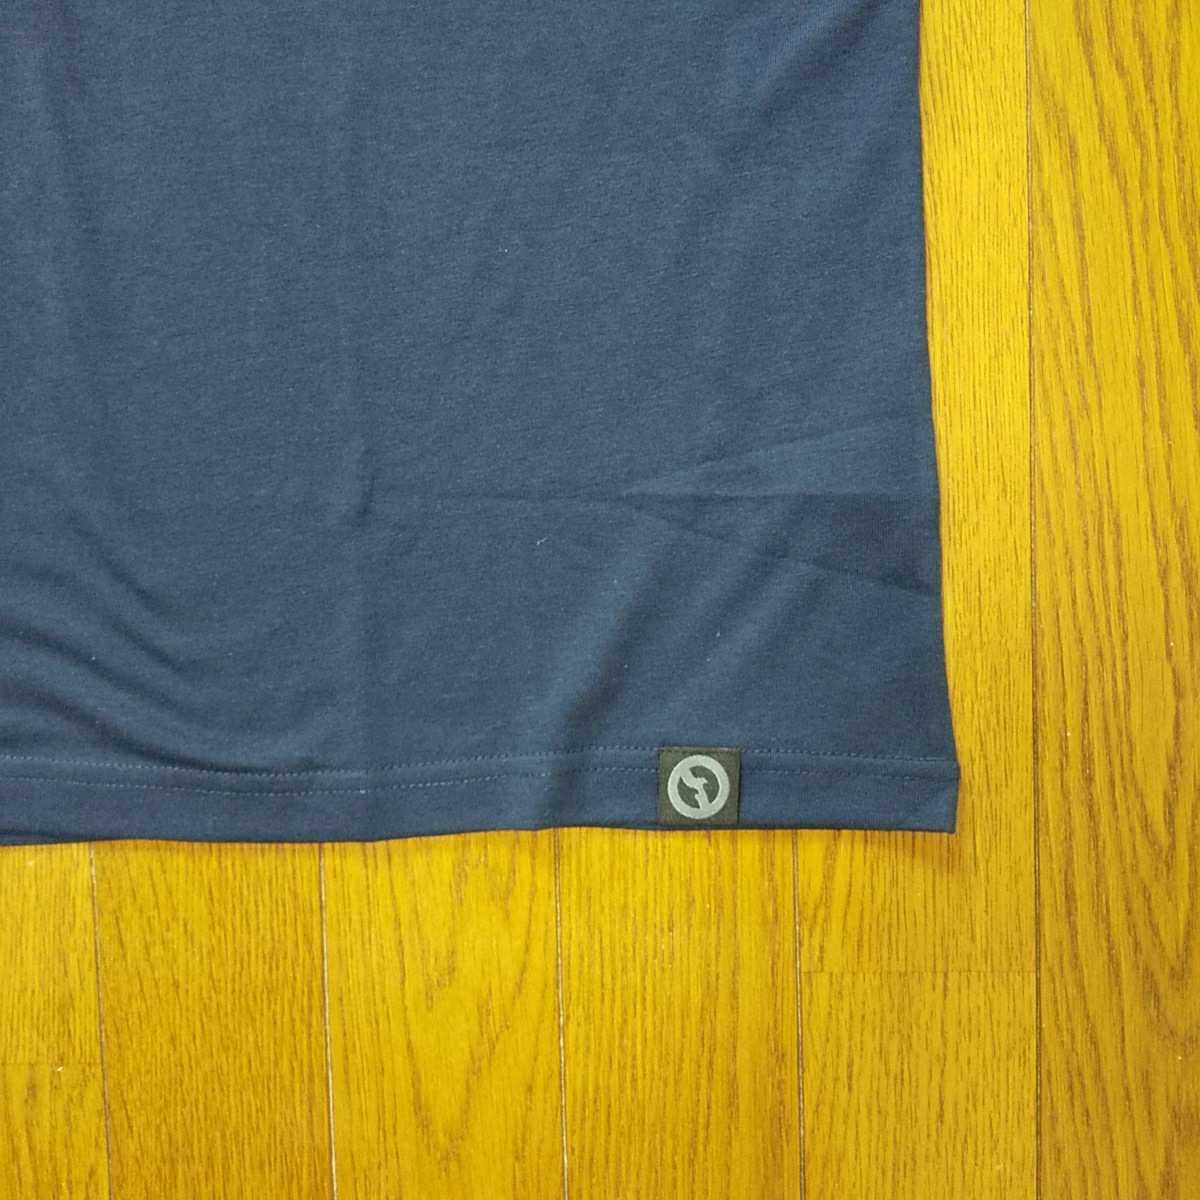 Lサイズ タグ付き新品 アウトドアプロダクツ OUTDOOR PRODUCTS 半袖Tシャツ ロゴ ネイビー メンズ紳士 スポーツ アメリカ ウェアアウトドア